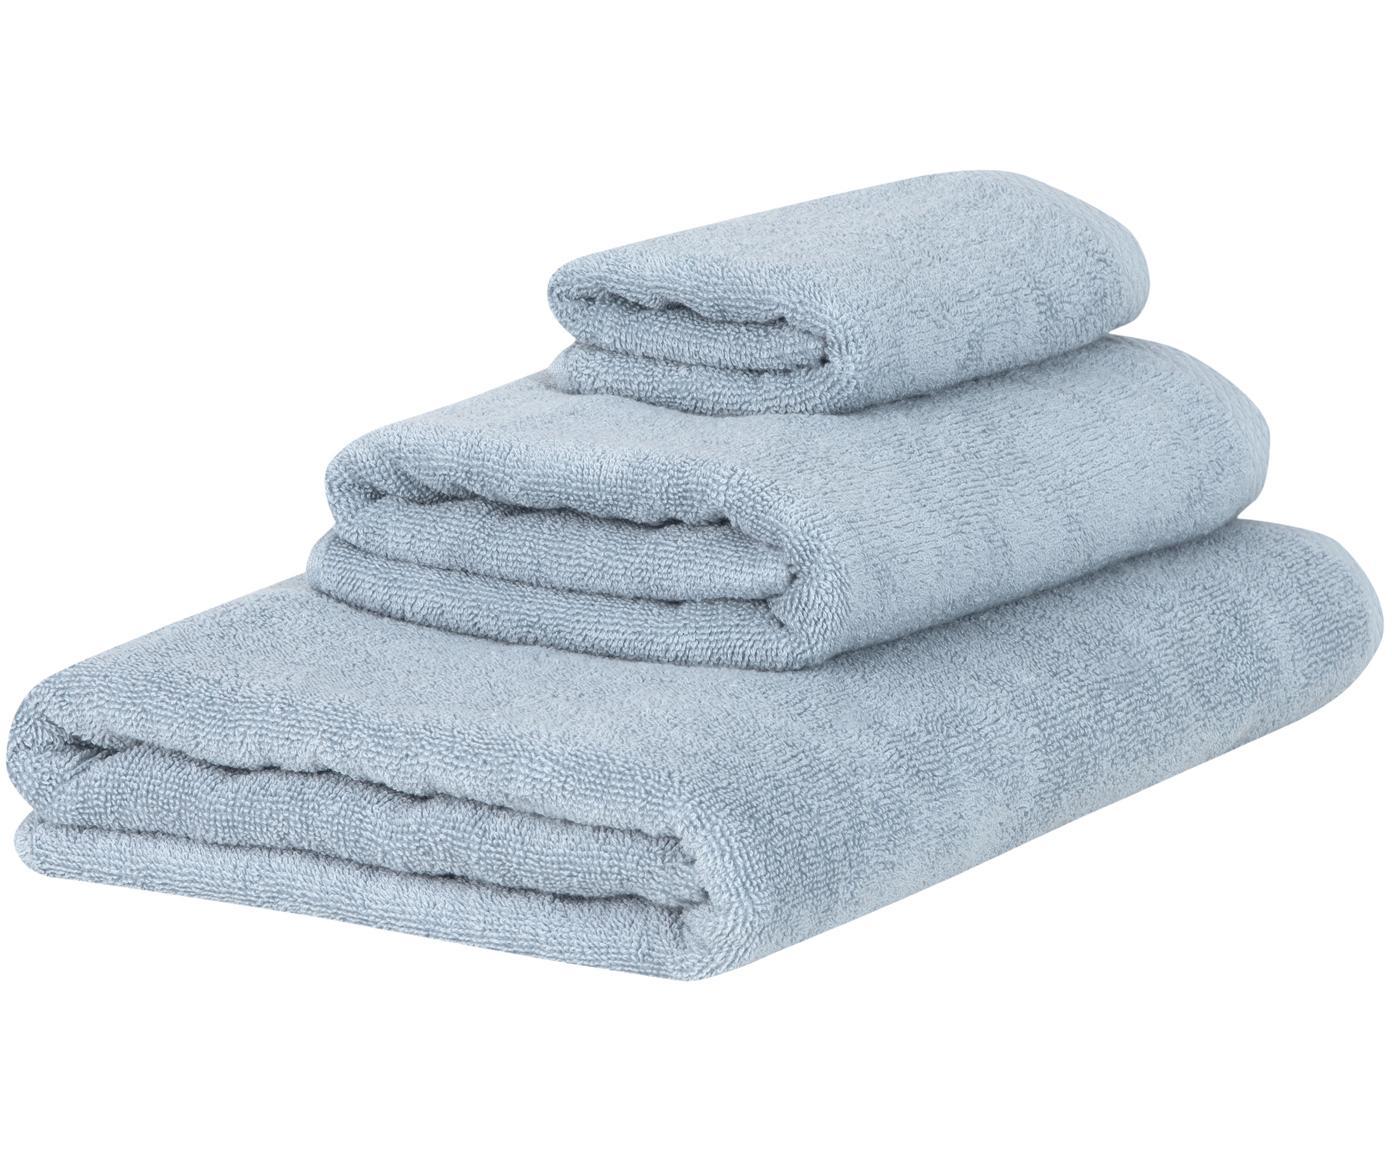 Komplet ręczników Comfort, 3 elem., Jasny niebieski, Różne rozmiary